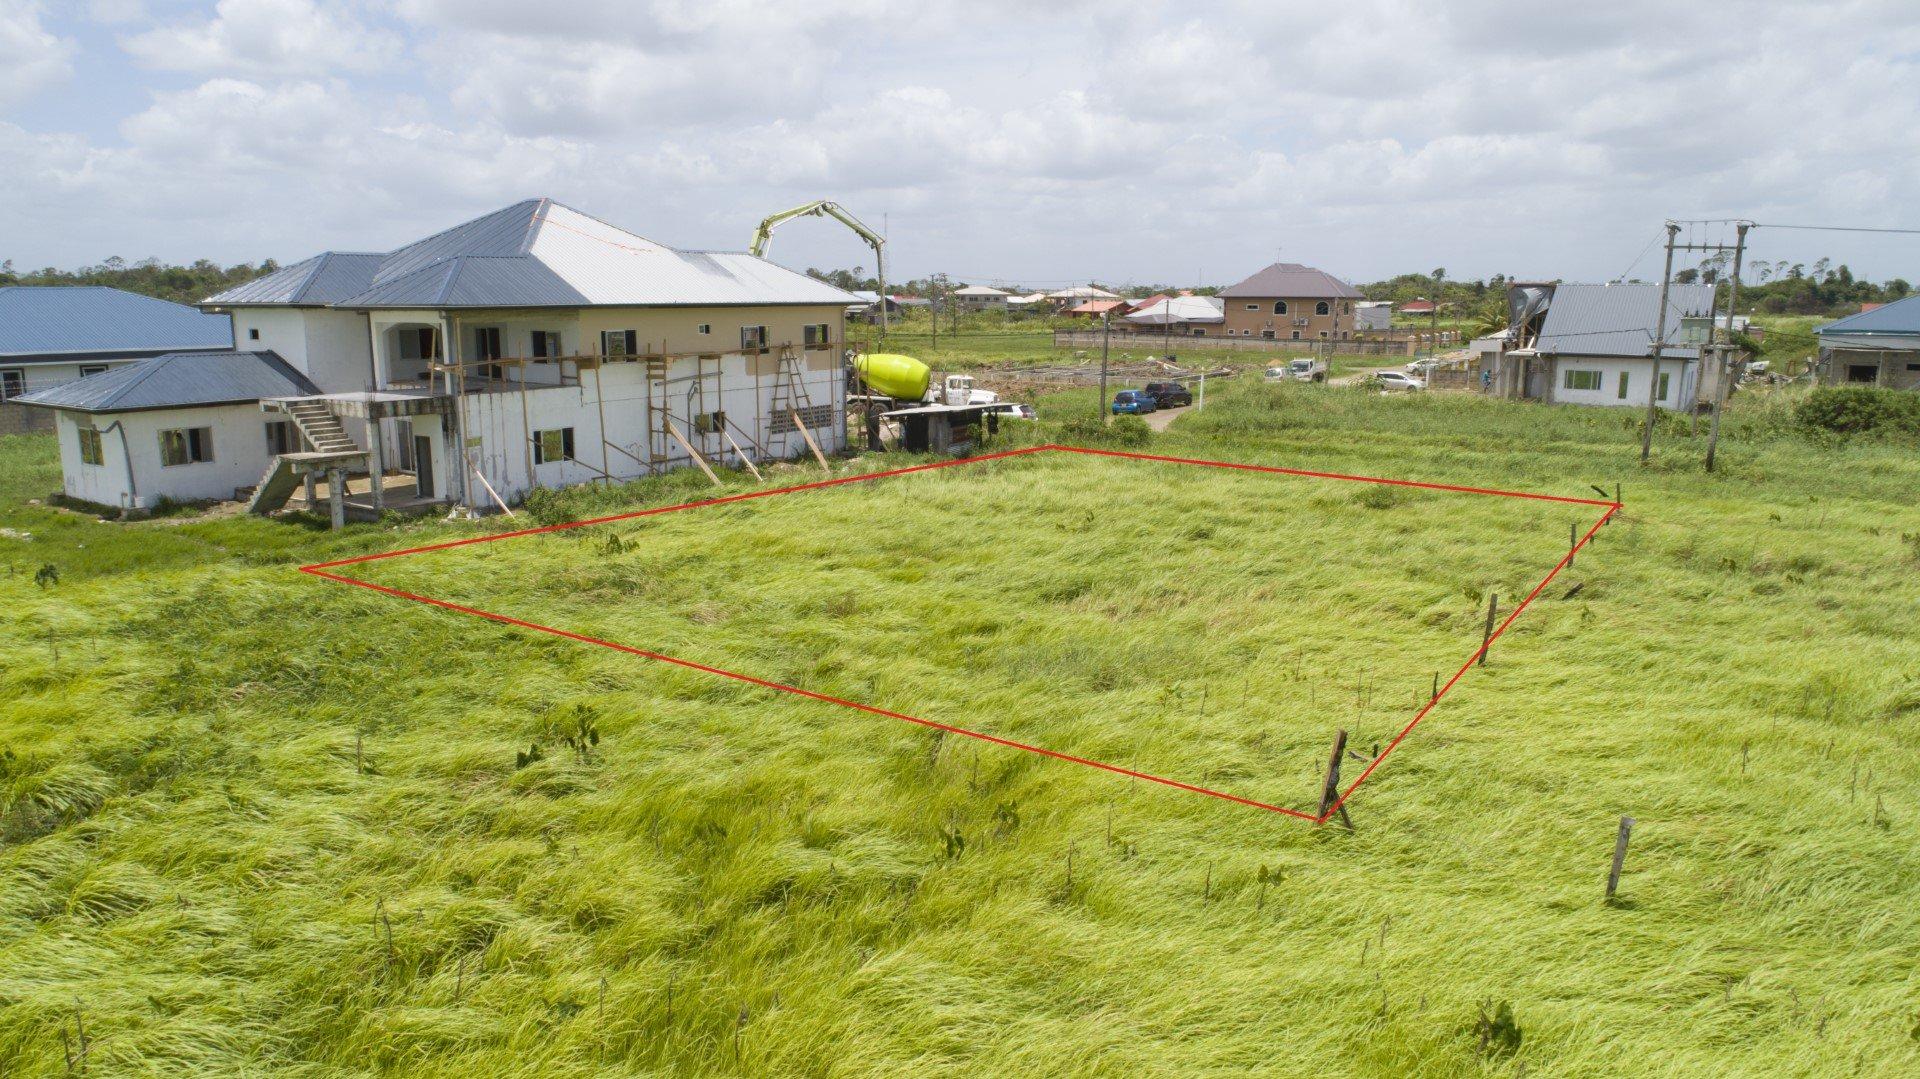 Surivillage 641 - Ruime bouwkavel te Surivillage, gelegen op een locatie met een wijd uitzicht achter het terrein met veel flora en fauna. - Surgoed Makelaardij NV - Paramaribo, Suriname